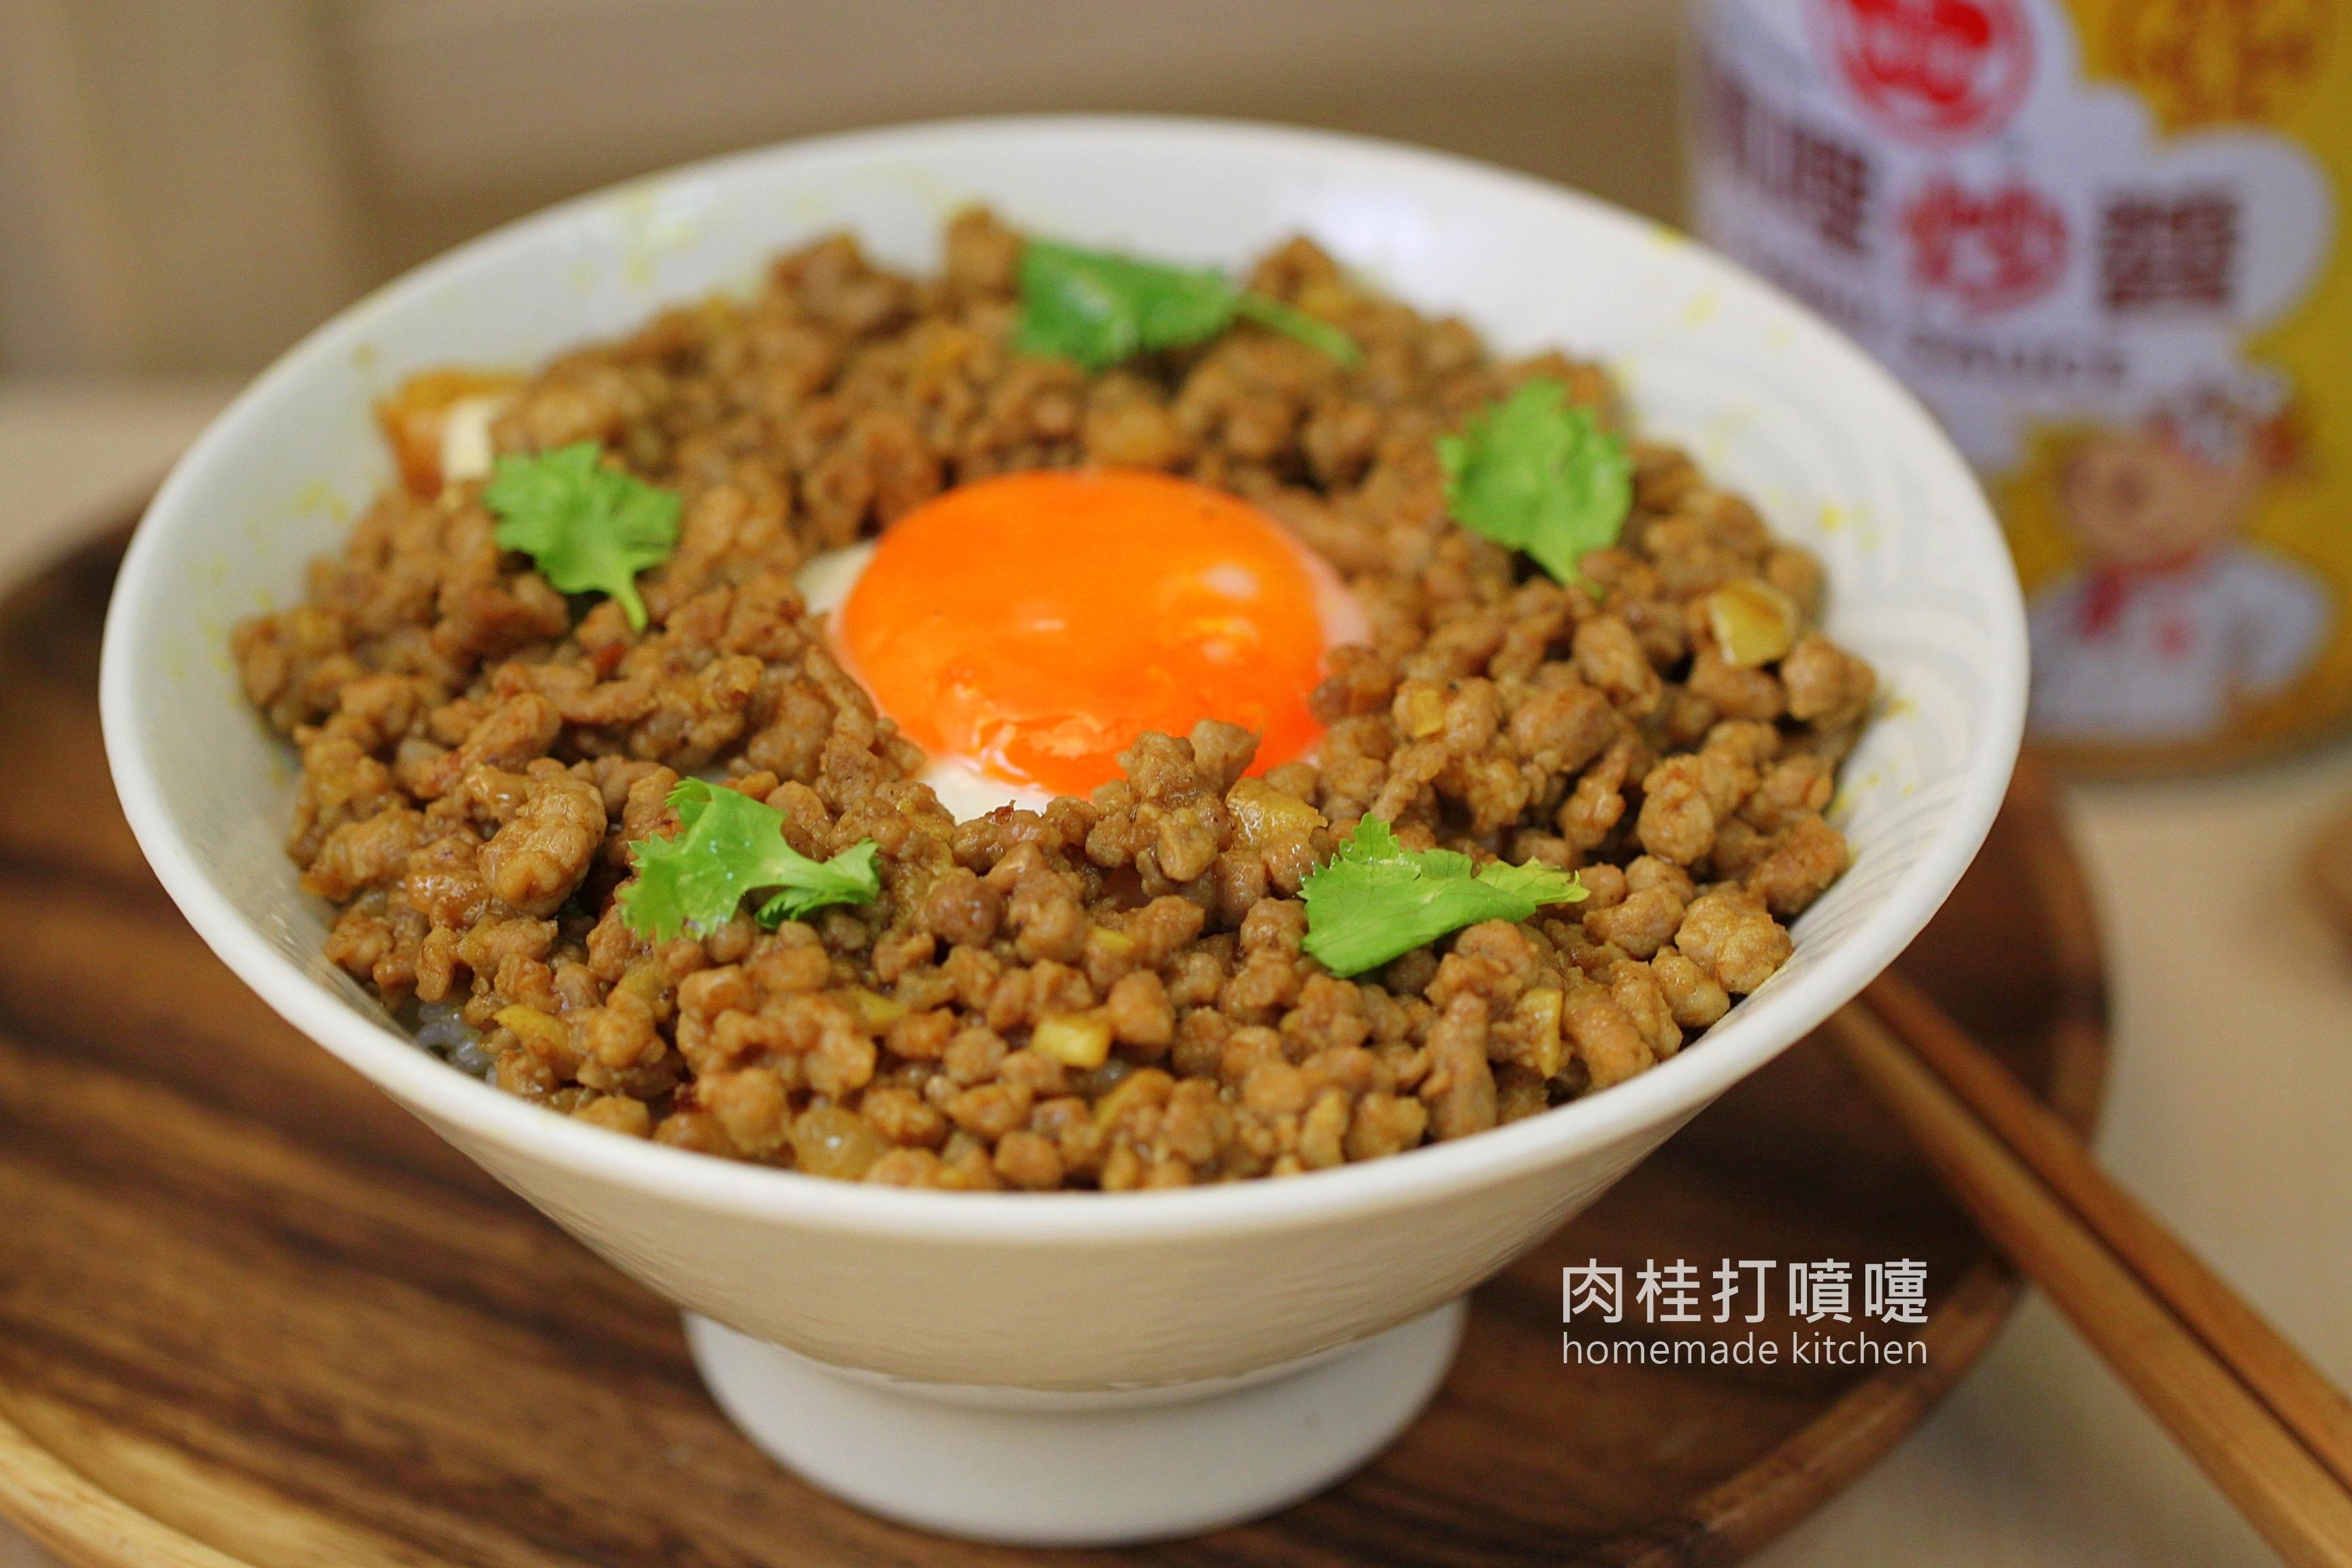 月見咖哩肉醬拌飯【牛頭牌咖哩新食代】